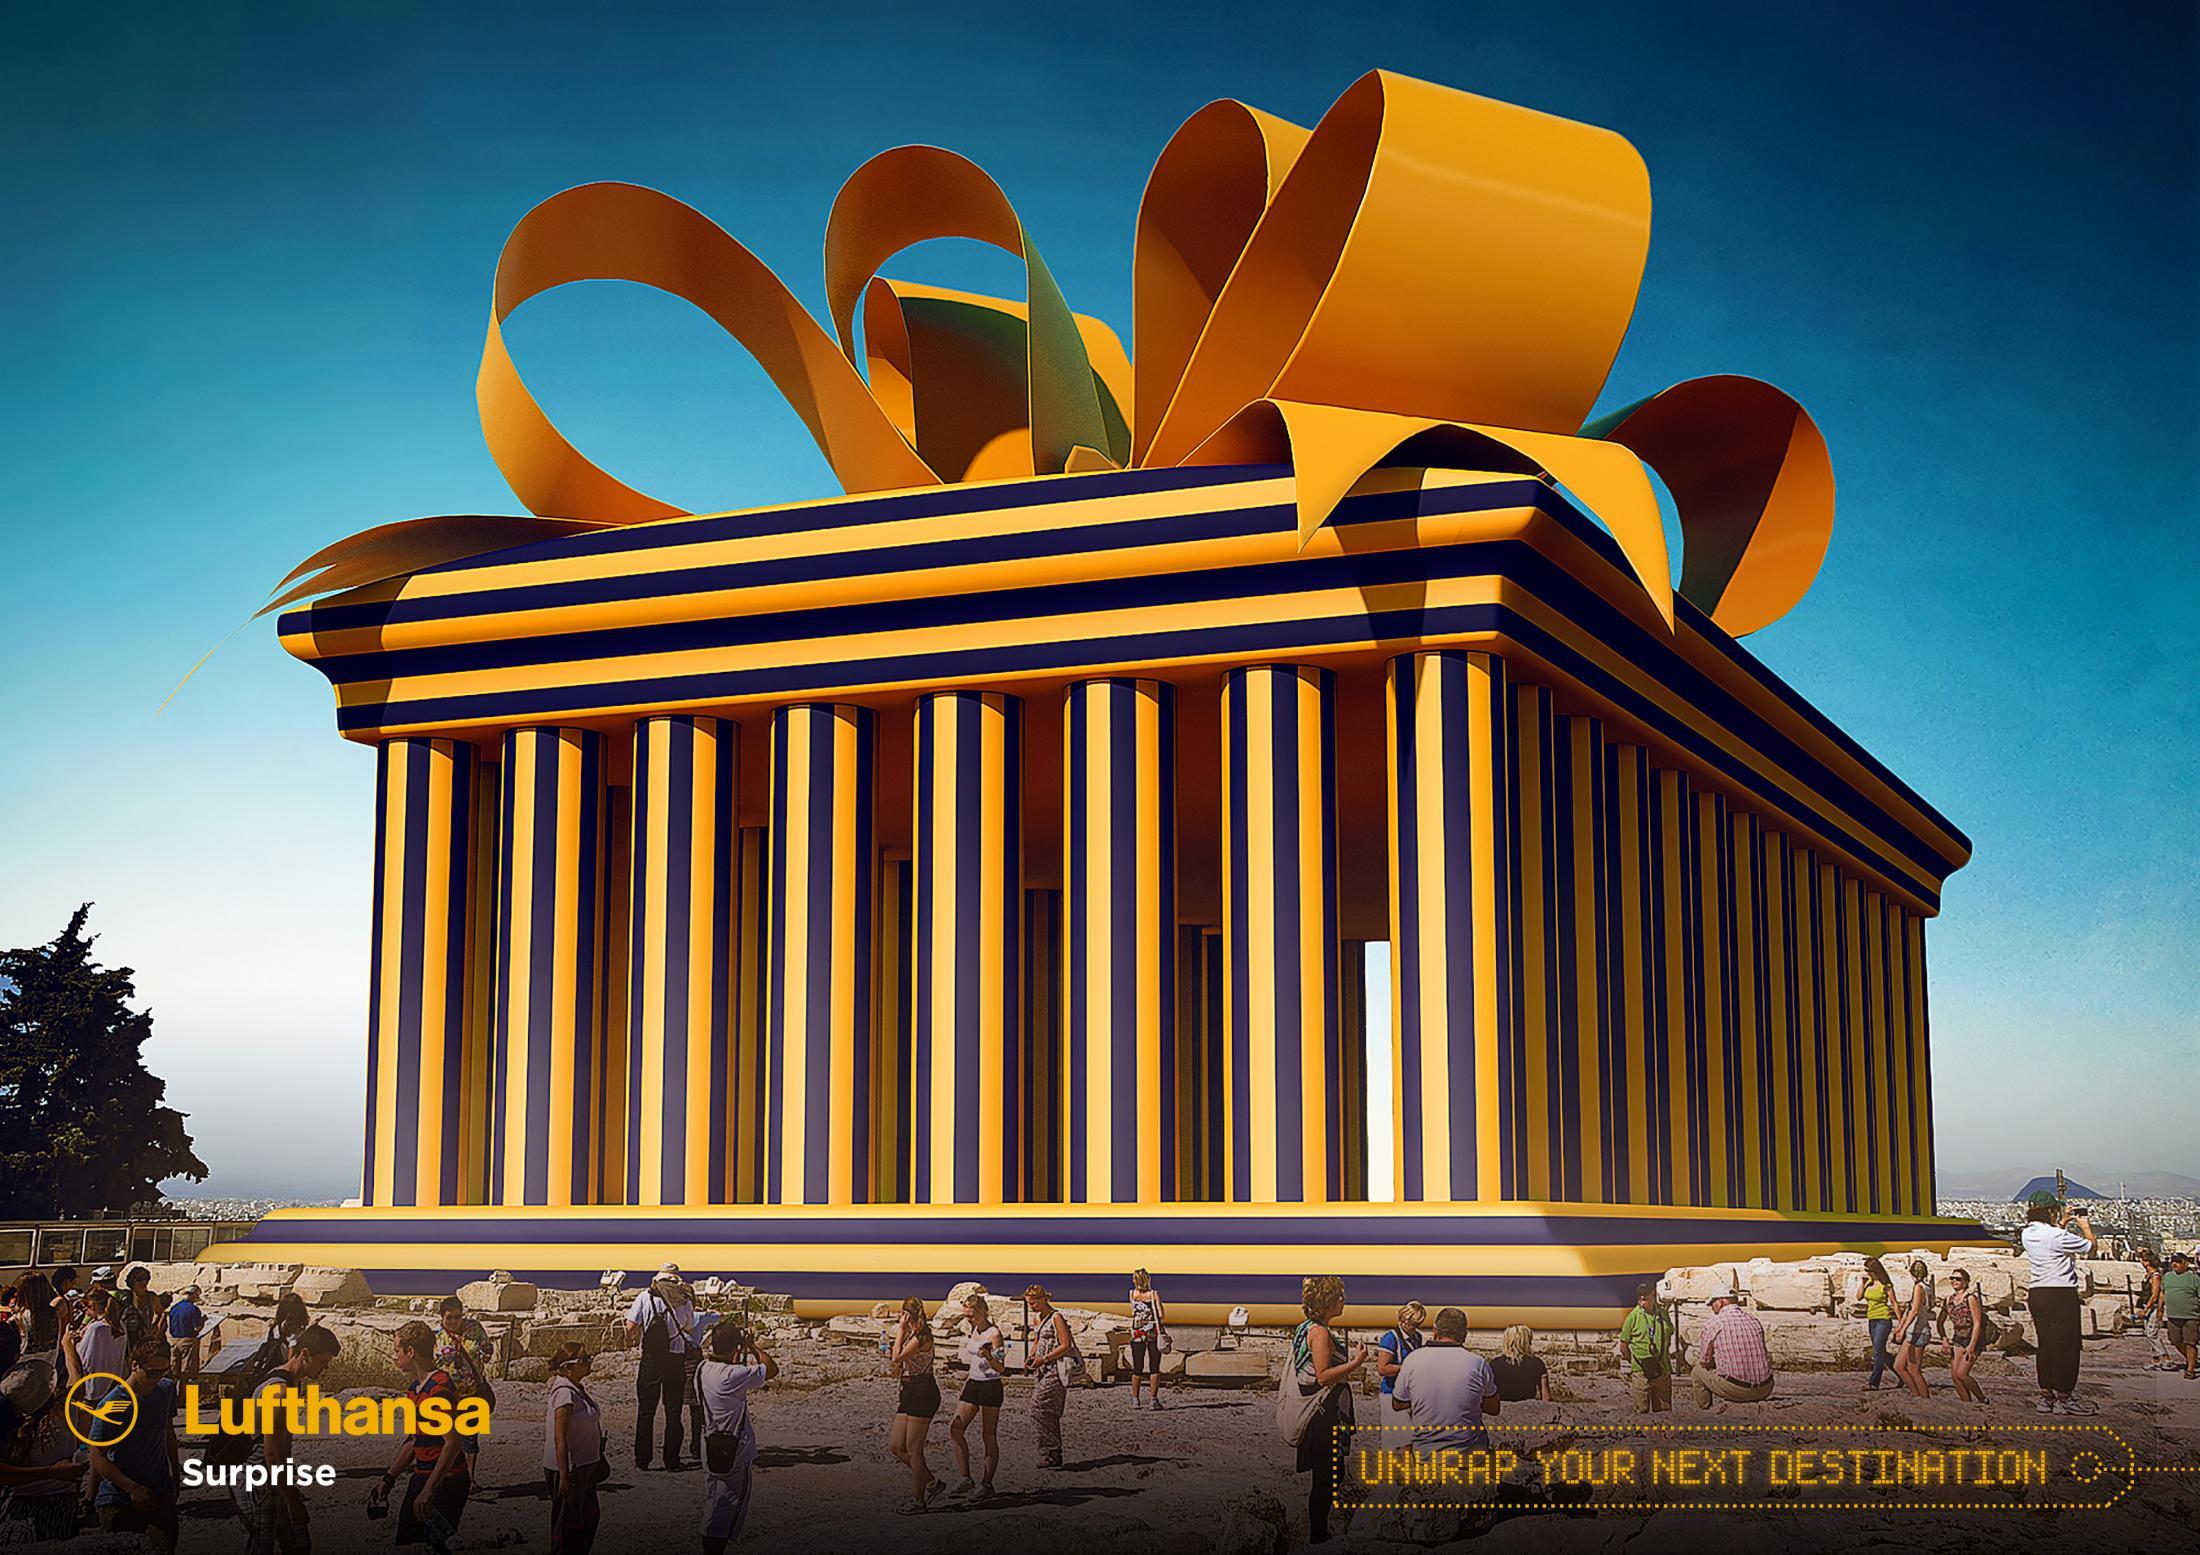 Lufthansa Print Ad - Parthenon